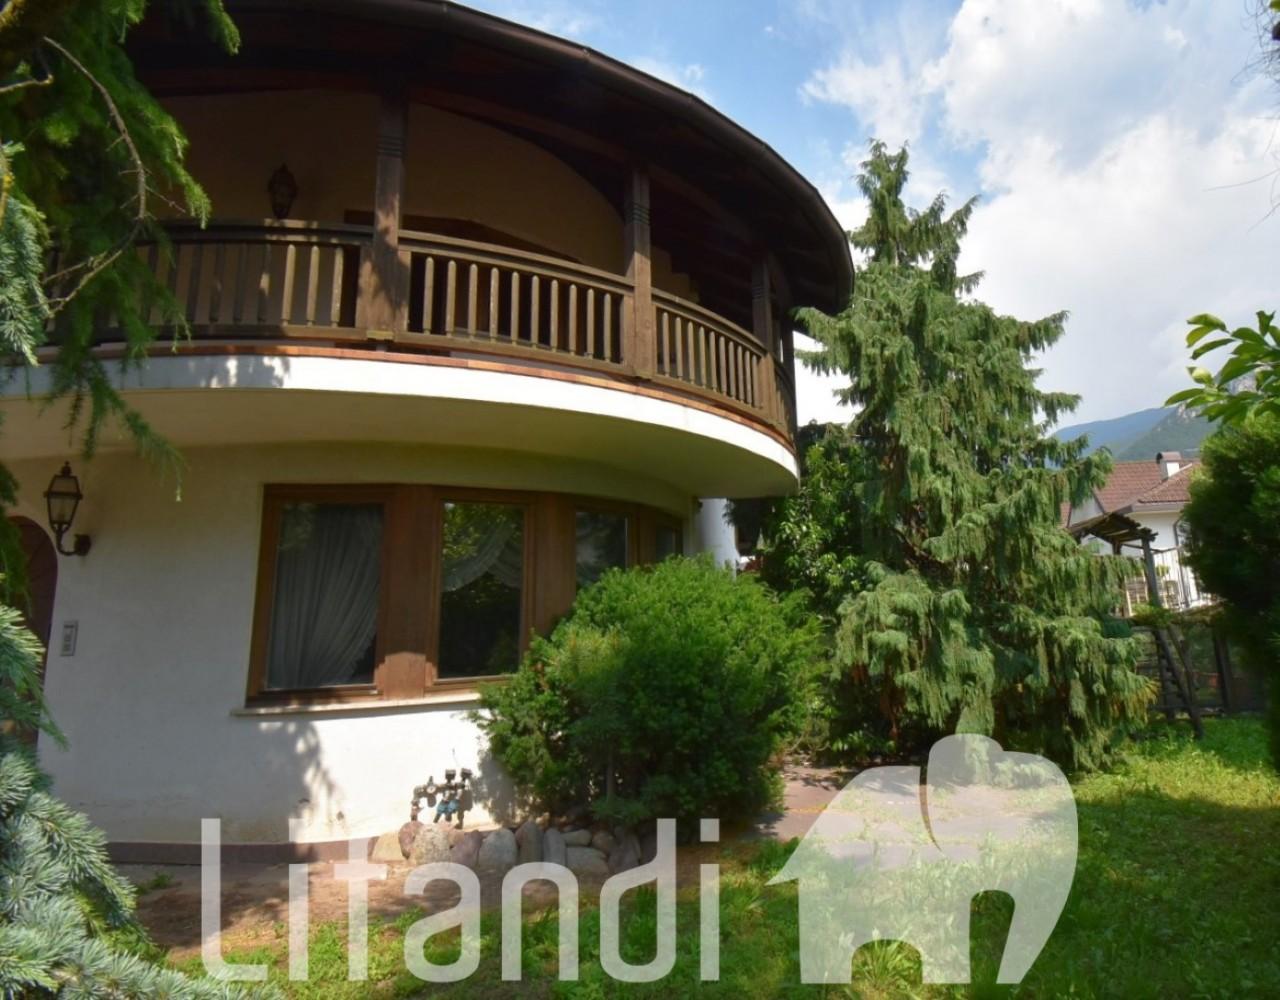 Egna: Villa a schiera con giardino privato